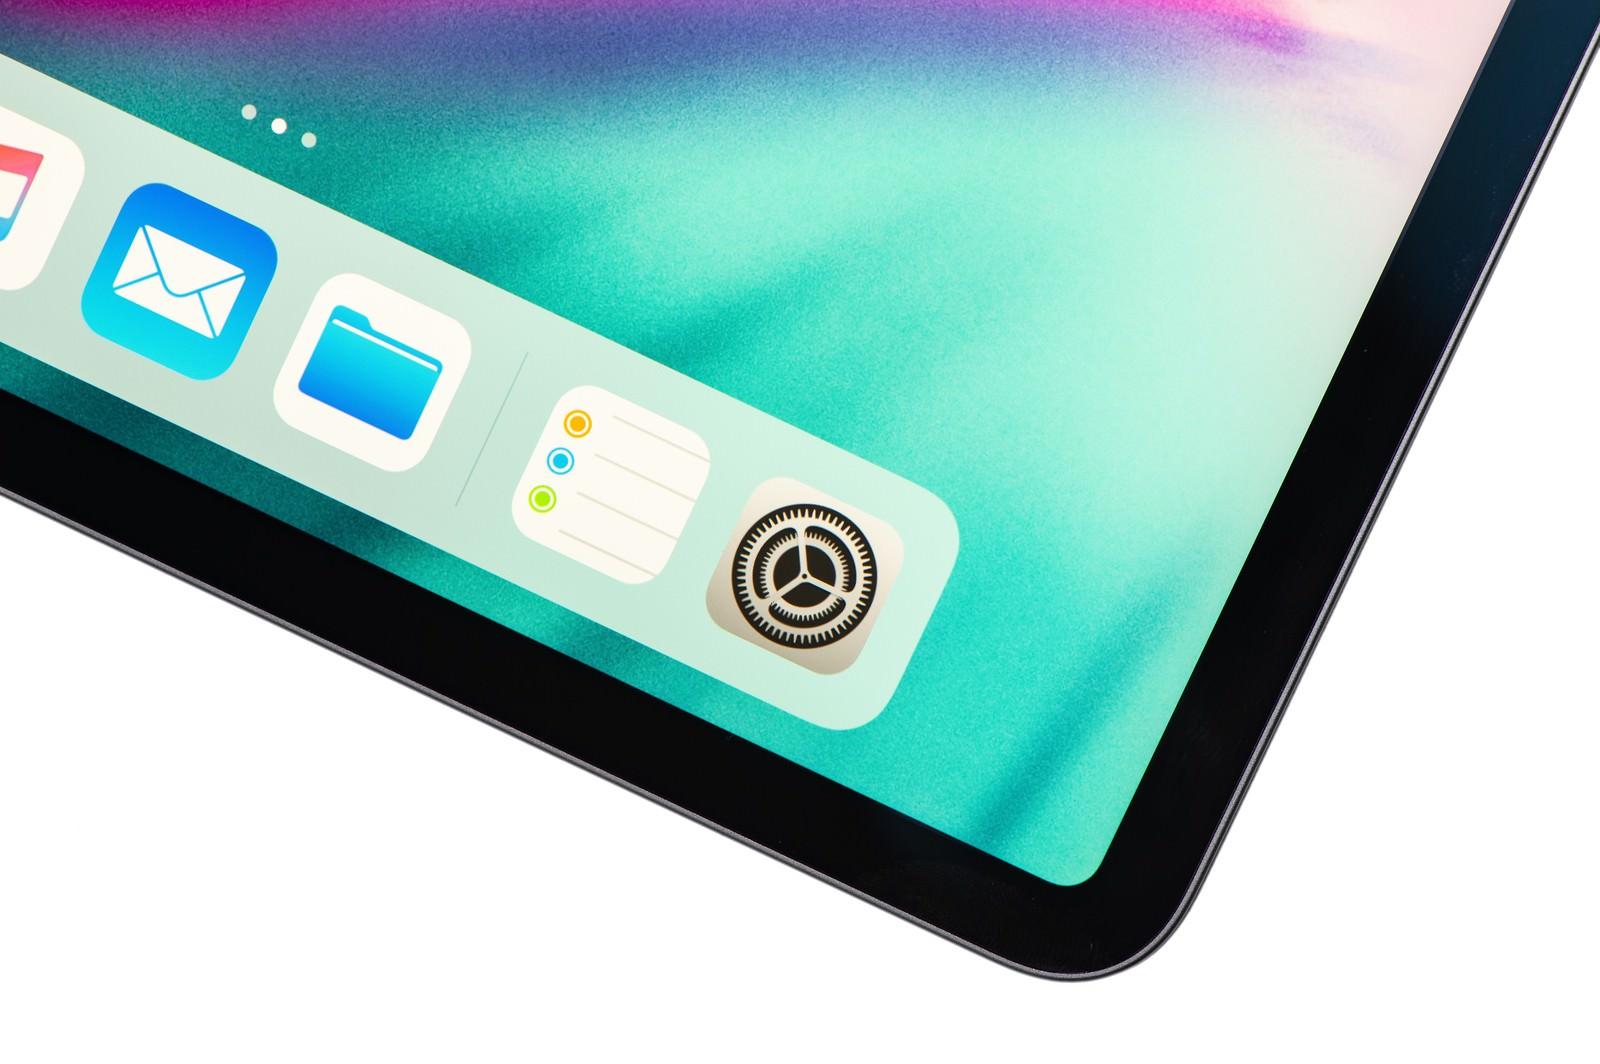 「タブレットのホーム画面に並ぶデフォルトアプリ(iPad Pro 2018)」の写真